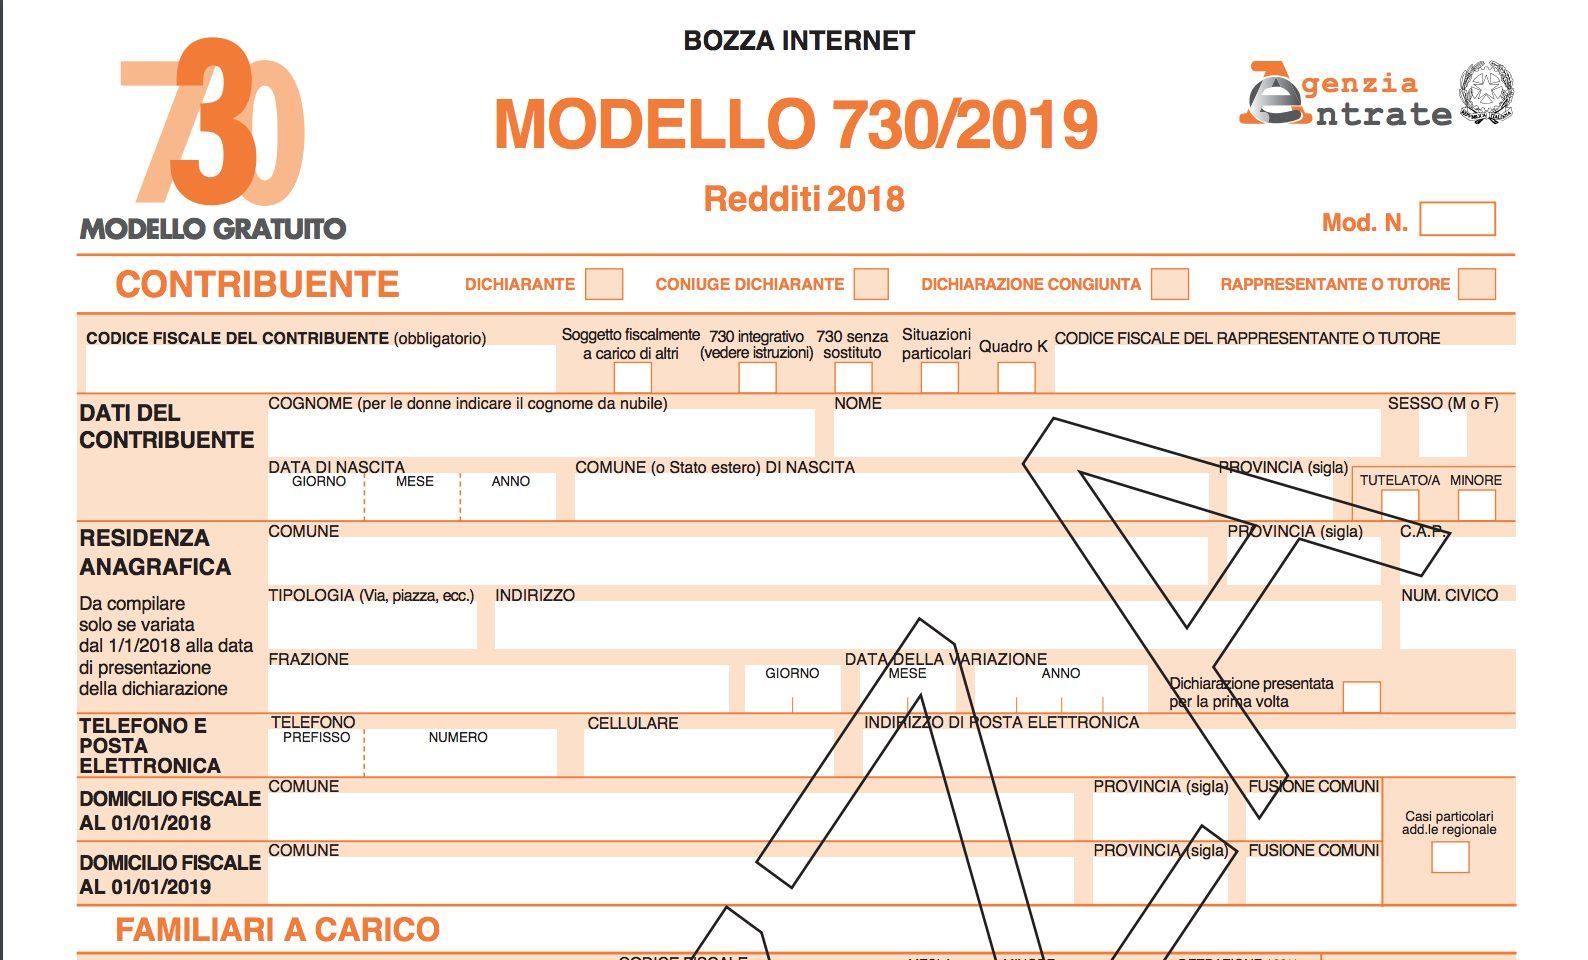 SCARICA DAL 730 ABBONAMENTO TRENO